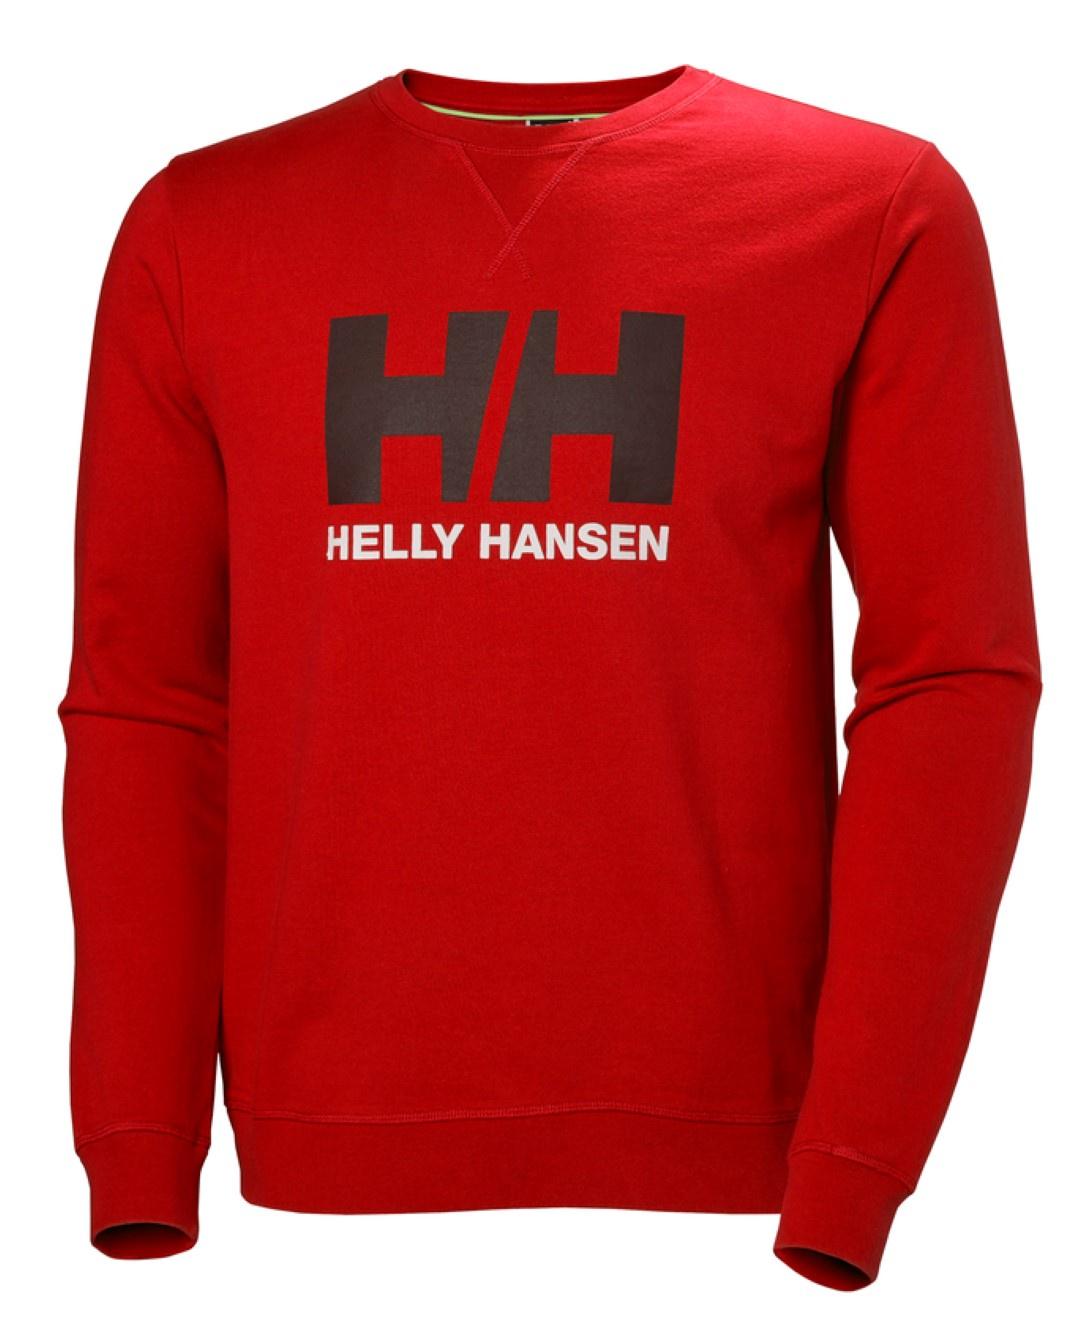 Жакет Helly Hansen tissbely red l